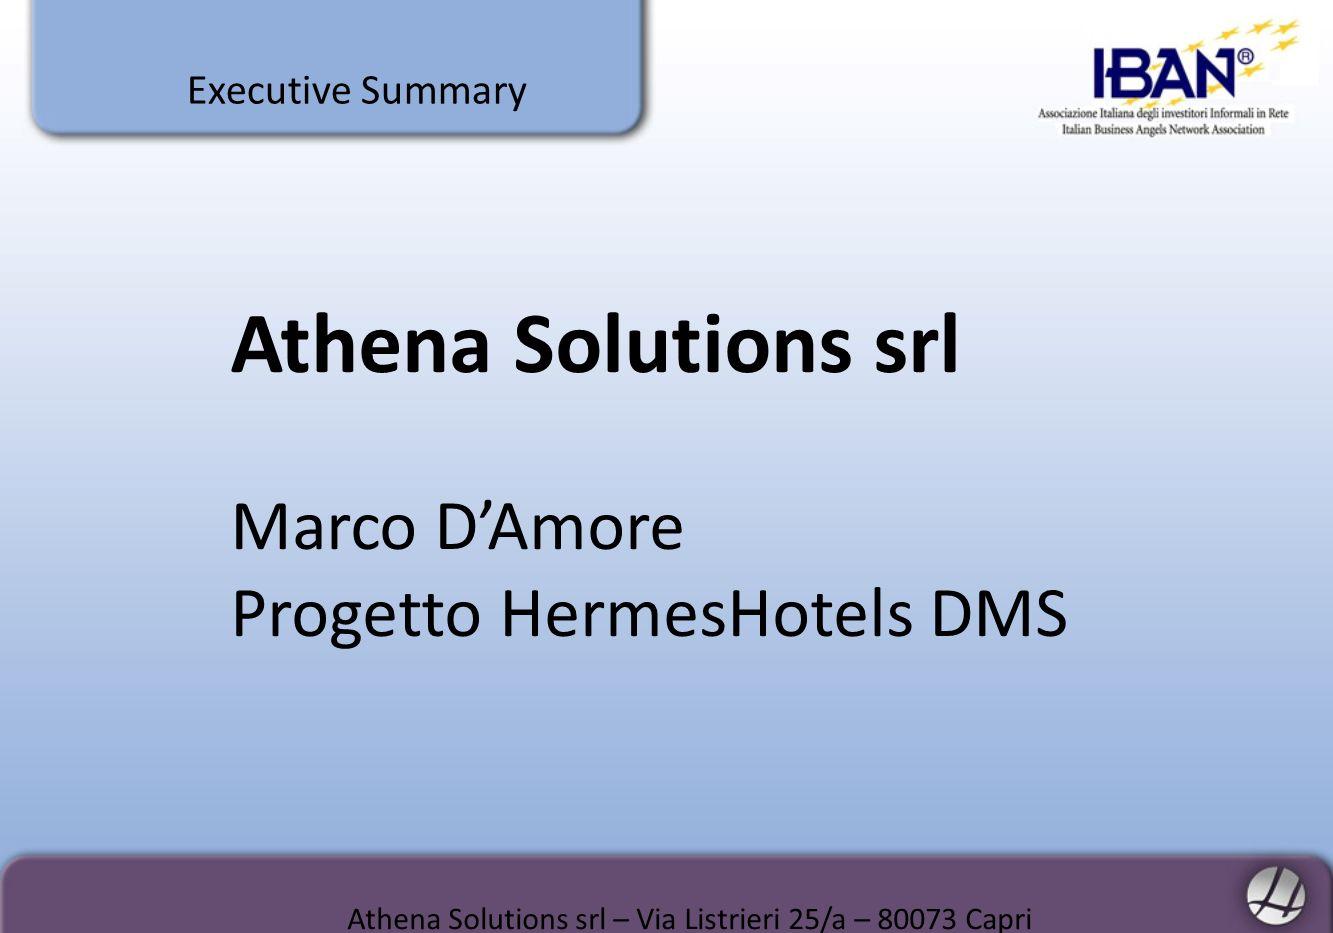 ONE LINE PITCH & AWARDS Athena Solutions è il nuovo player delle-business turistico-alberghiero Athena Solutions è specializzata in Distribuzione elettronica che rappresenta oggi circa il 75% delle prenotazioni turistico-alberghiere Il cliente di Athena Solutions è lHotel Athena Solutions ha ricevuto la Menzione di Merito per Il Premio Nazionale dellInnovazione 2009, categoria Innovazione nel Turismo HermesHotels DMS, piattaforma sviluppata da Athena Solutions, è stato selezionato, unico in Europa, Preferred Vendor Program da Expedia come miglior piattaforma Performer Athena Solutions srl – Via Listrieri 25/a – 80073 Capri